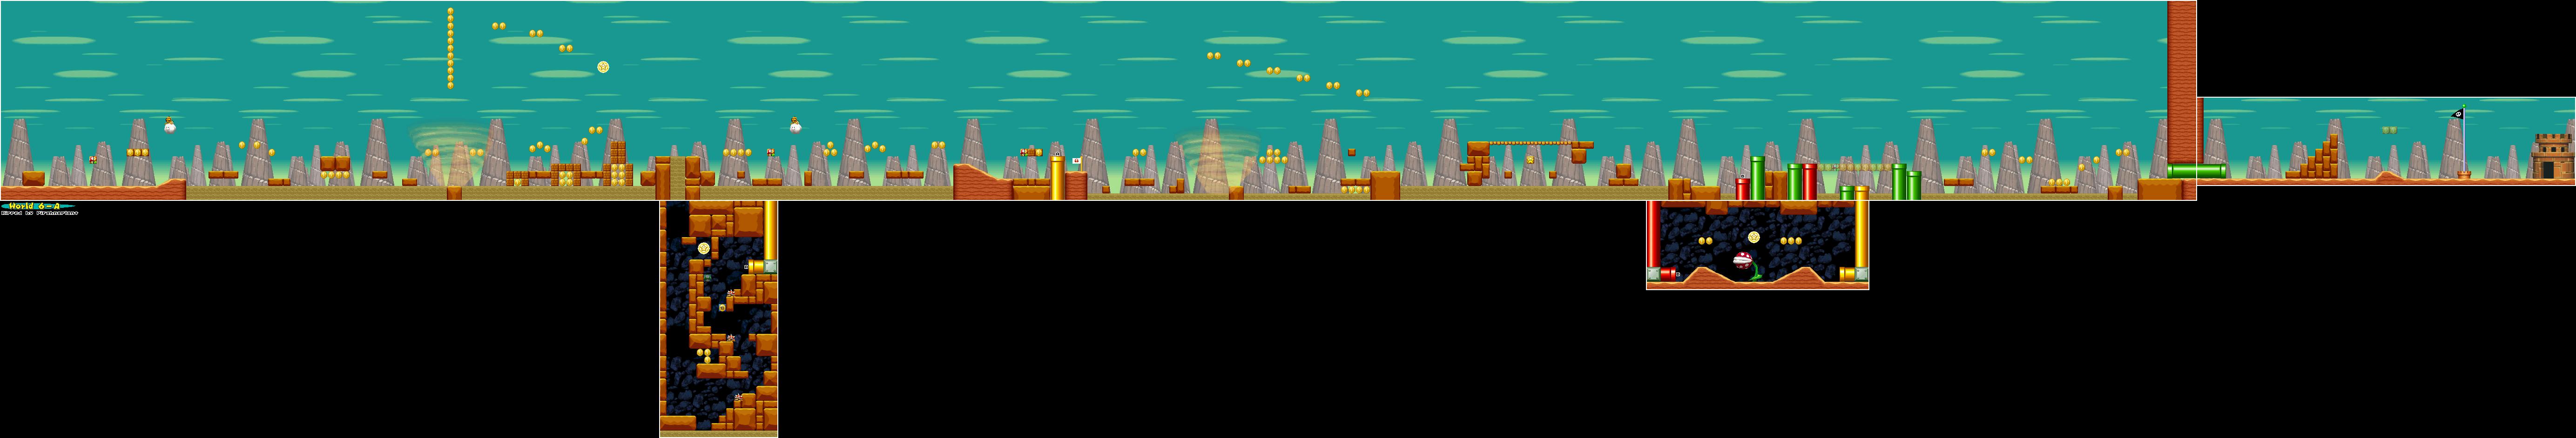 New Super Mario Bros. World 6-A Map